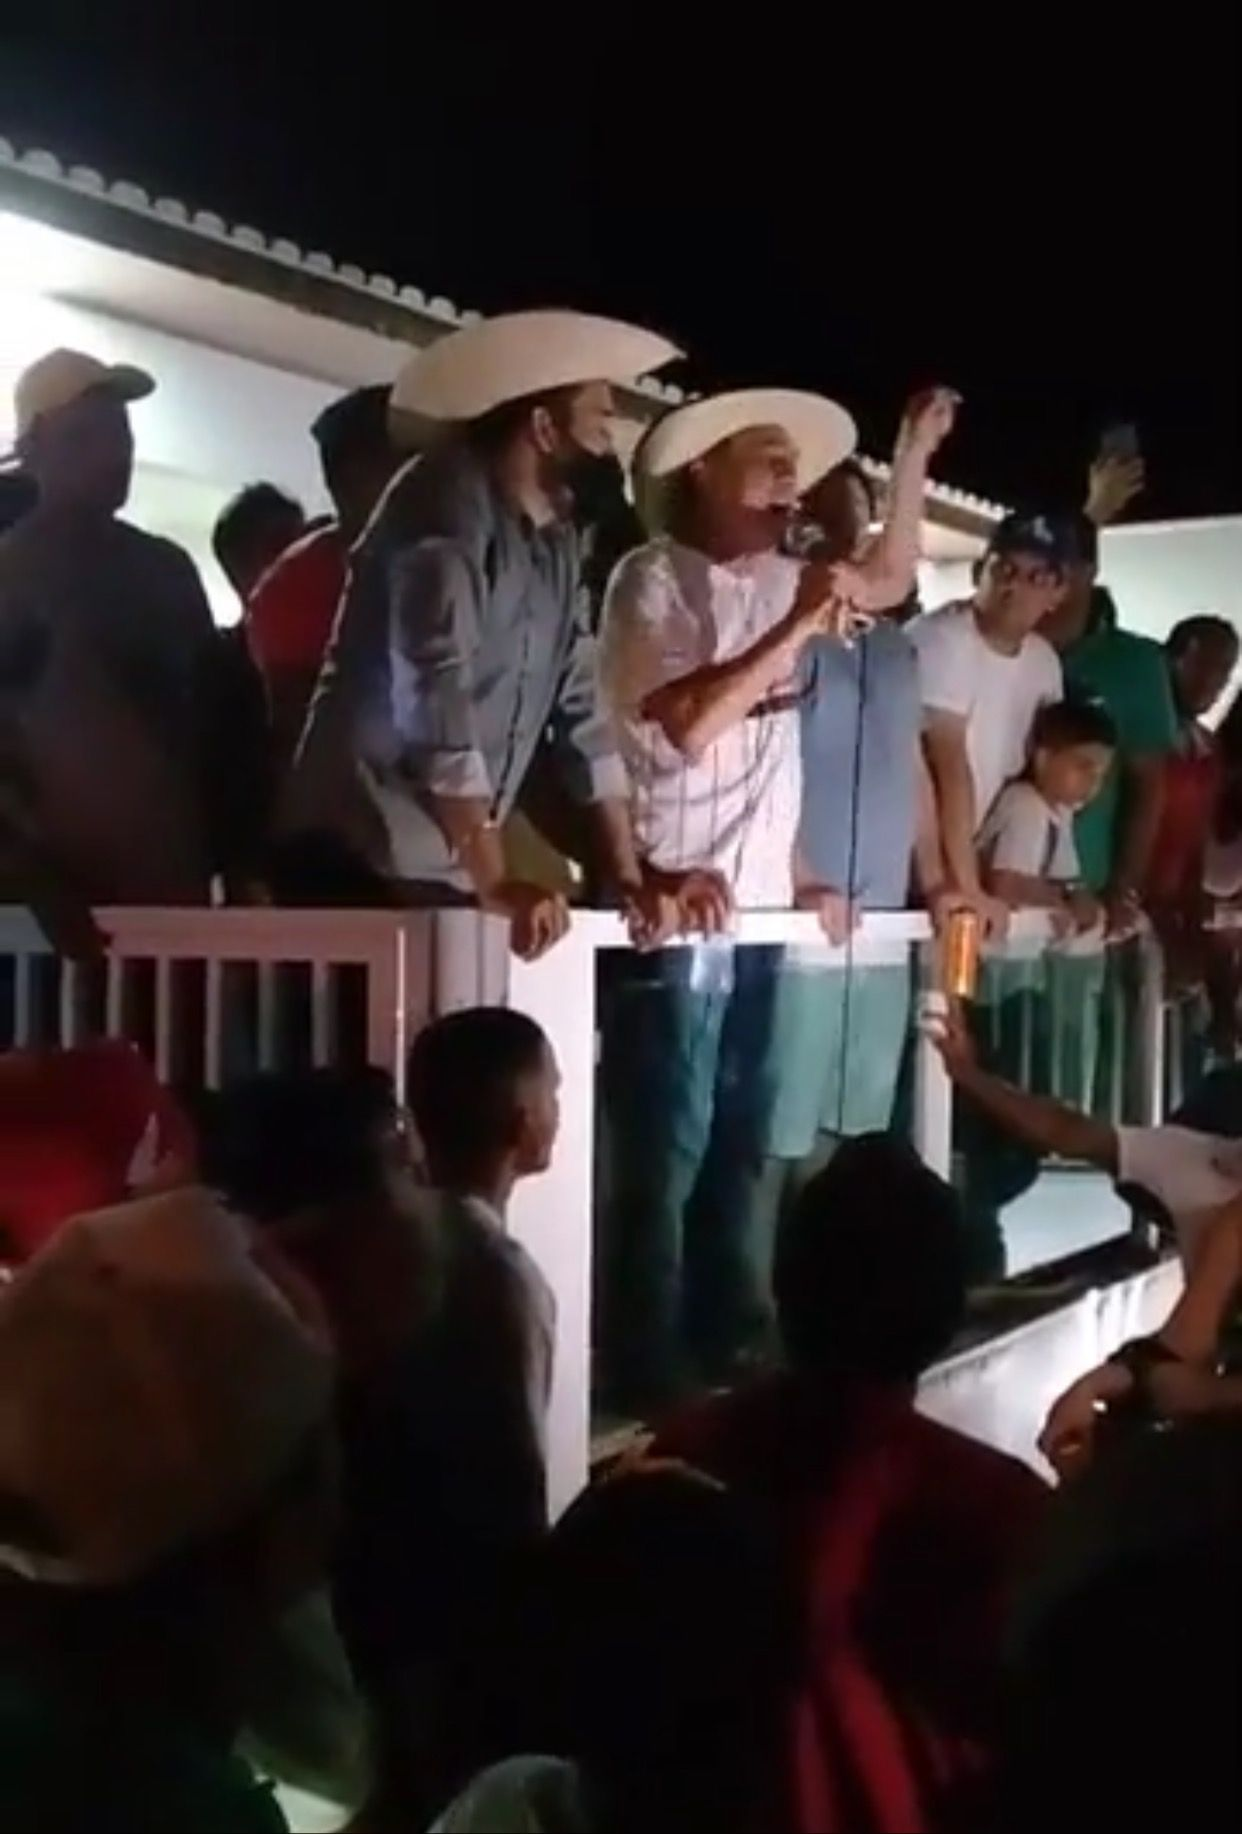 VEJA O VÍDEO: Prefeito Tema de Tuntum diz durante discurso que lugar de bandido é em Barra do Corda